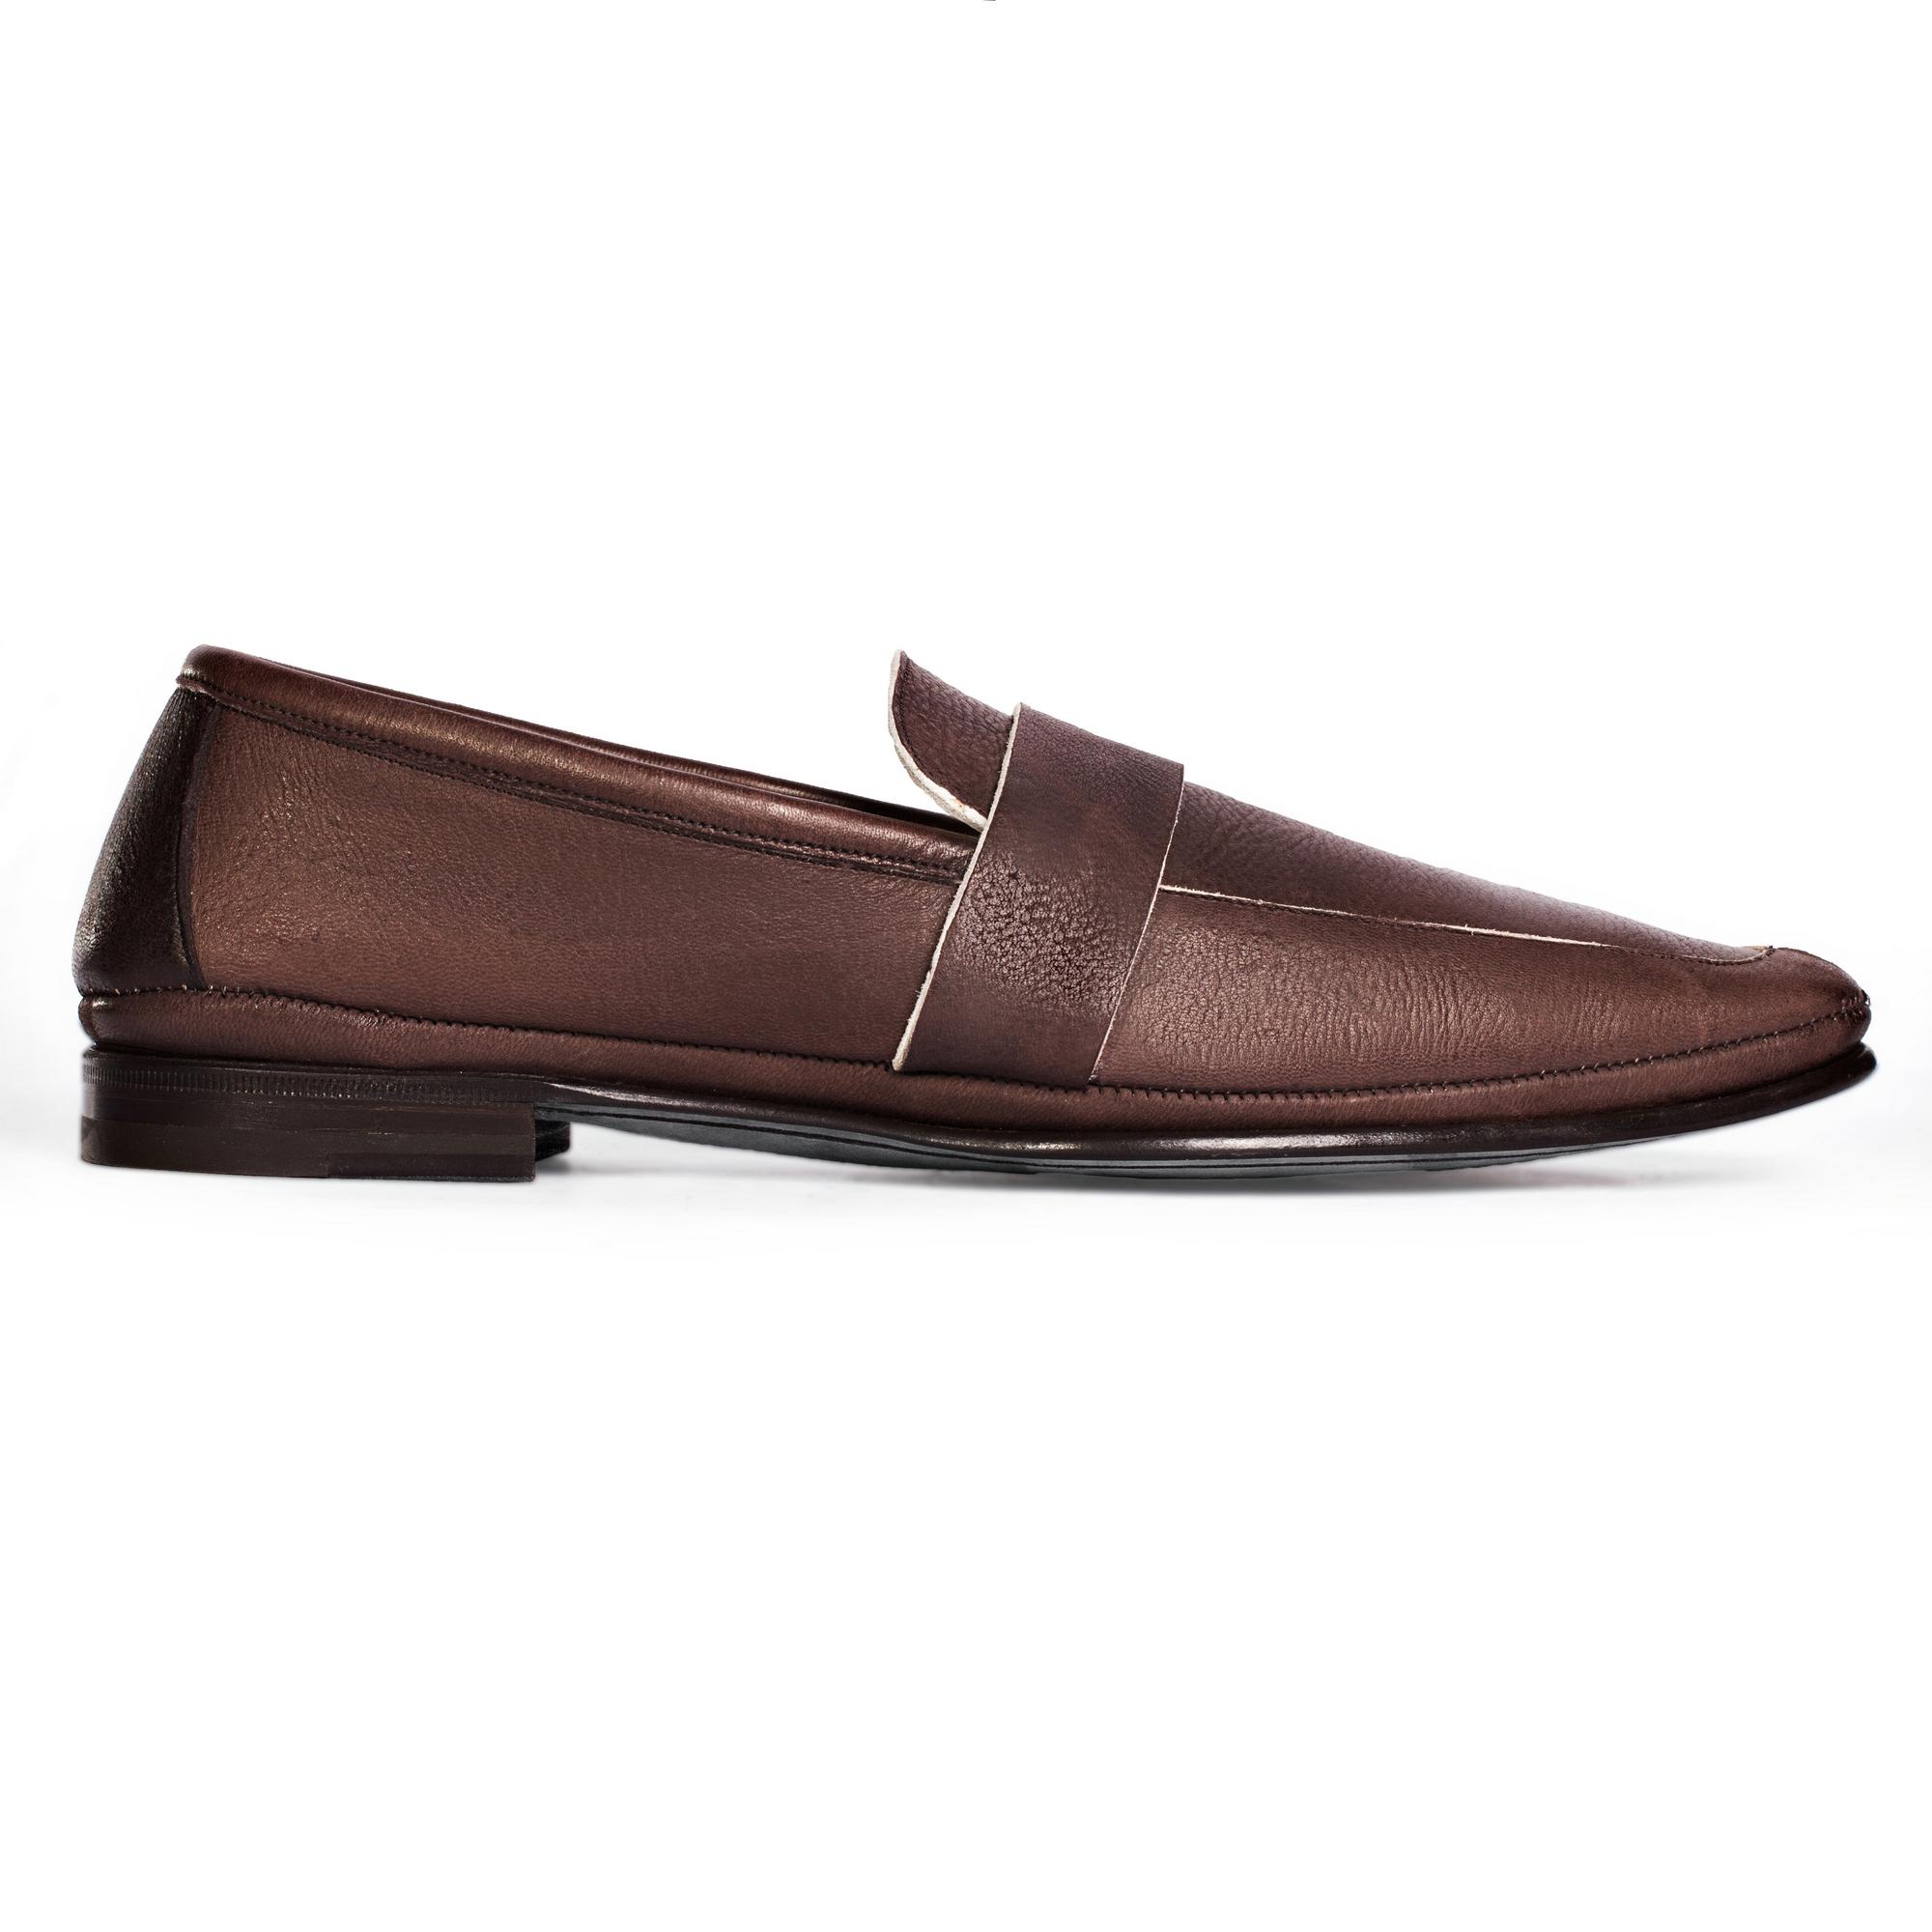 Мужские туфли CorsoComo (Корсо Комо) 31-MV1010 к.п. Полуботинки муж кожа кор.: изображение 3